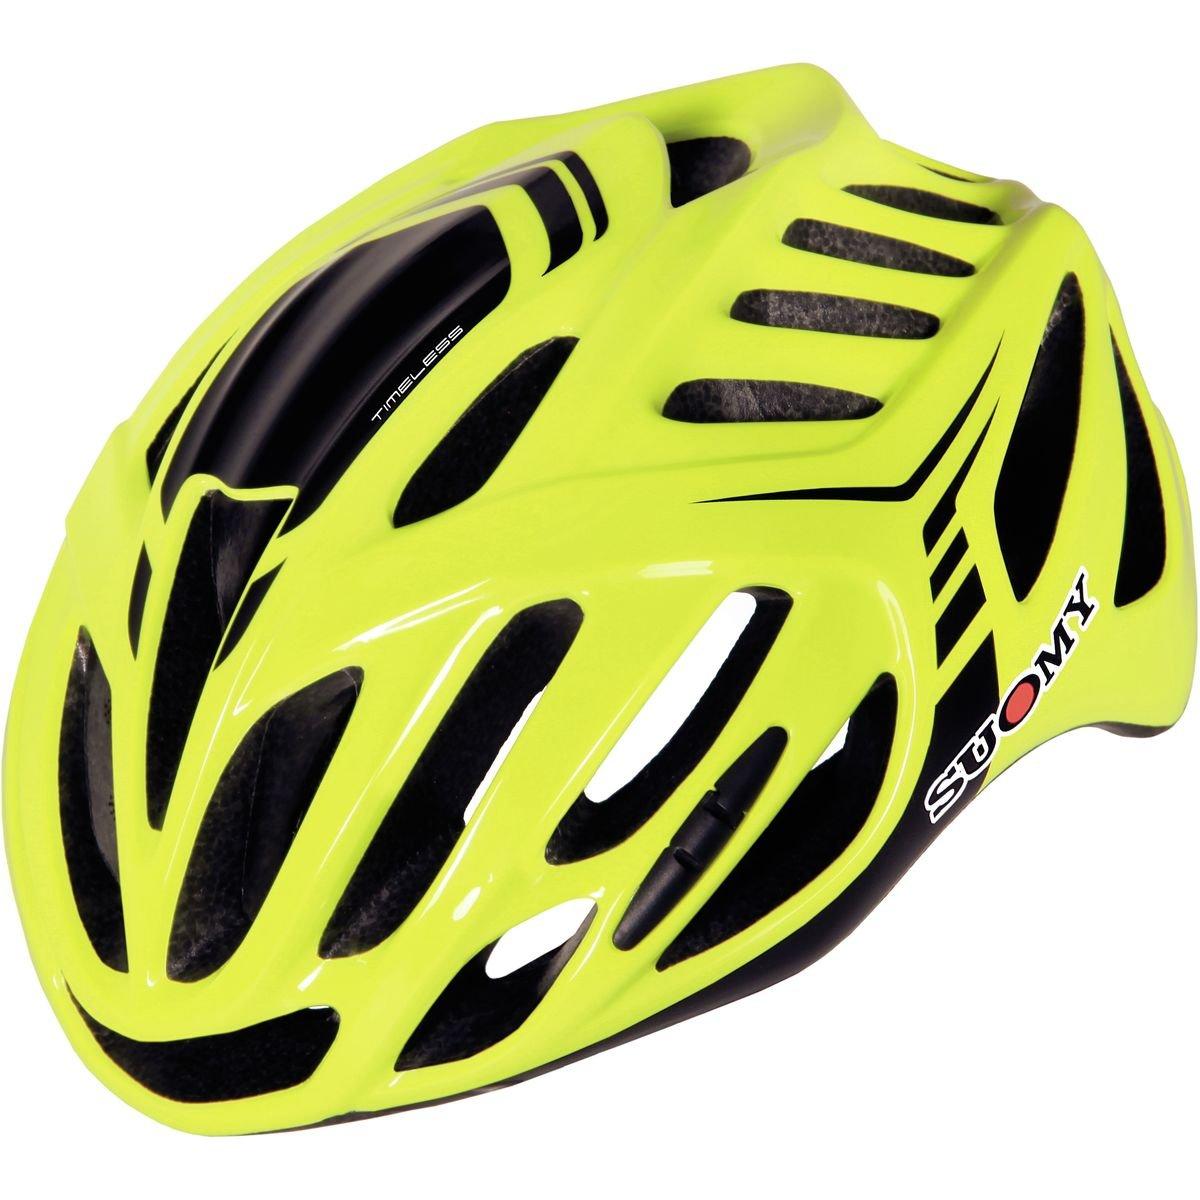 Suomy Timeless Helmet Yellow/Black, L/XL by Suomy